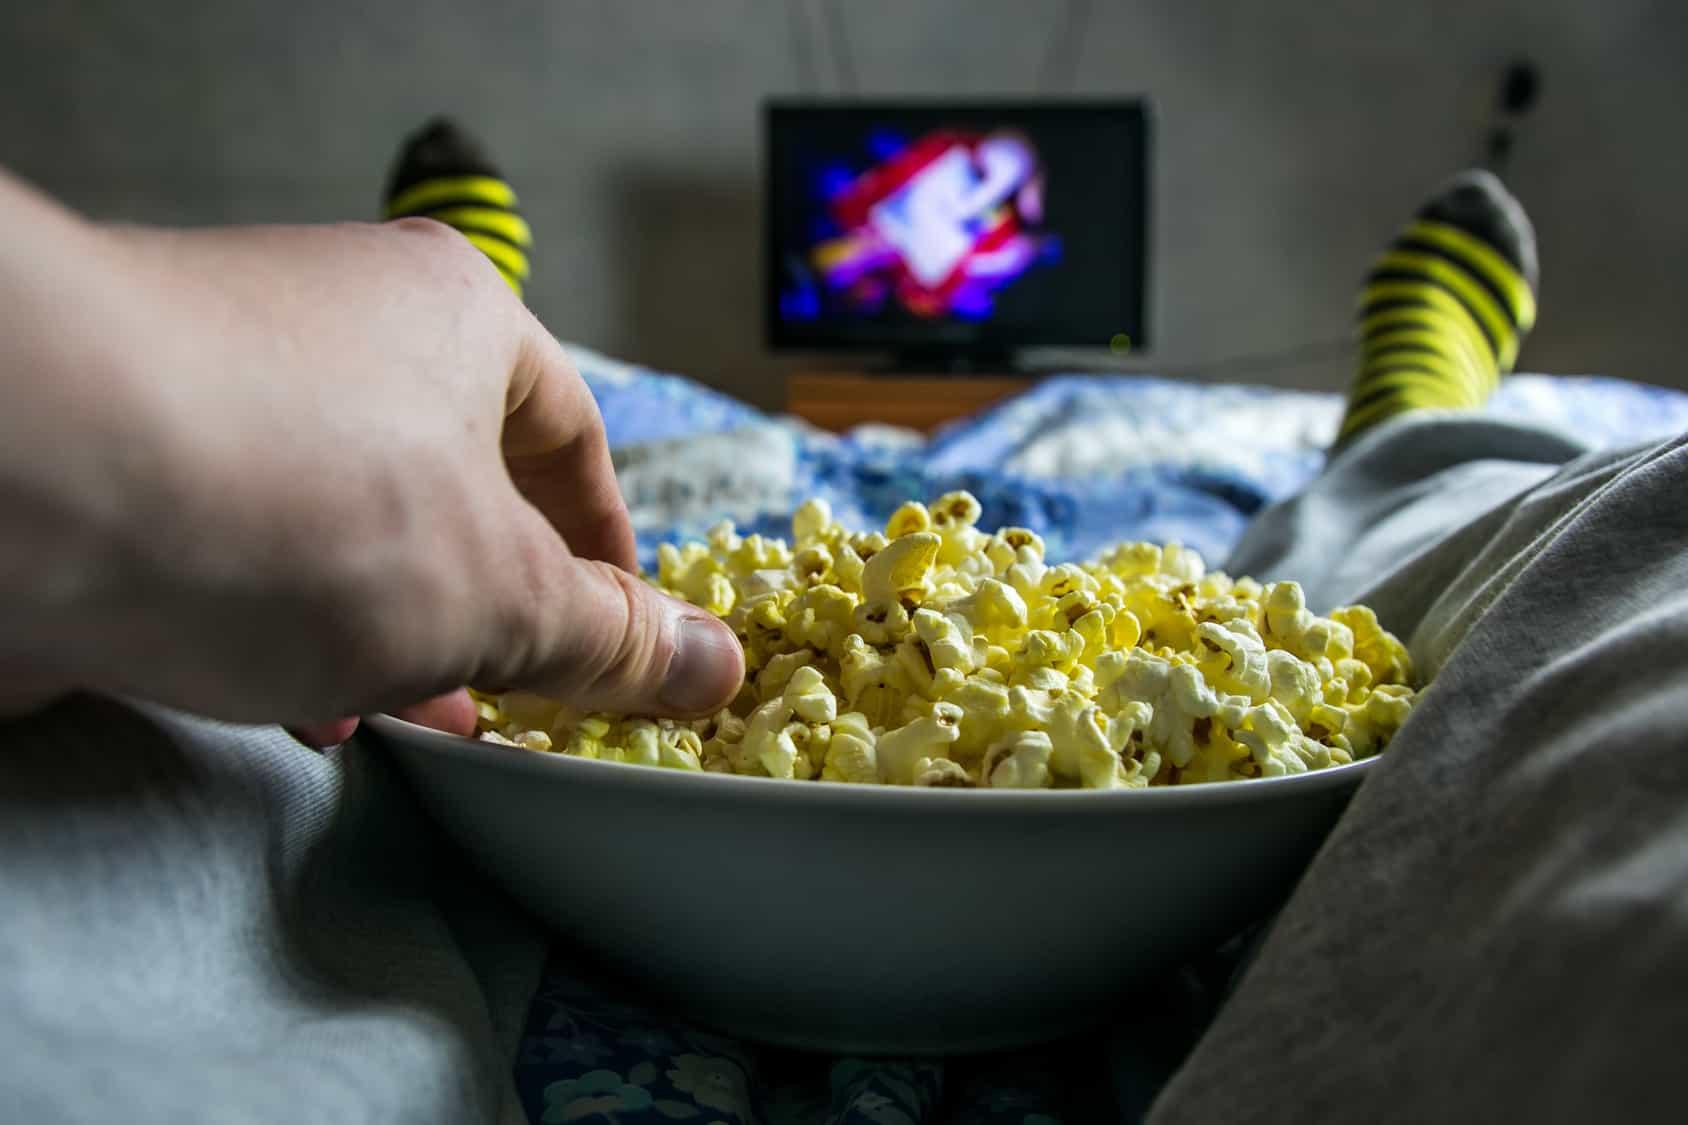 El mundo de los contenidos audiovisuales está cambiando luego de la creciente penetración transnacional de jugadores como Netflix, Amazon o Apple TV.